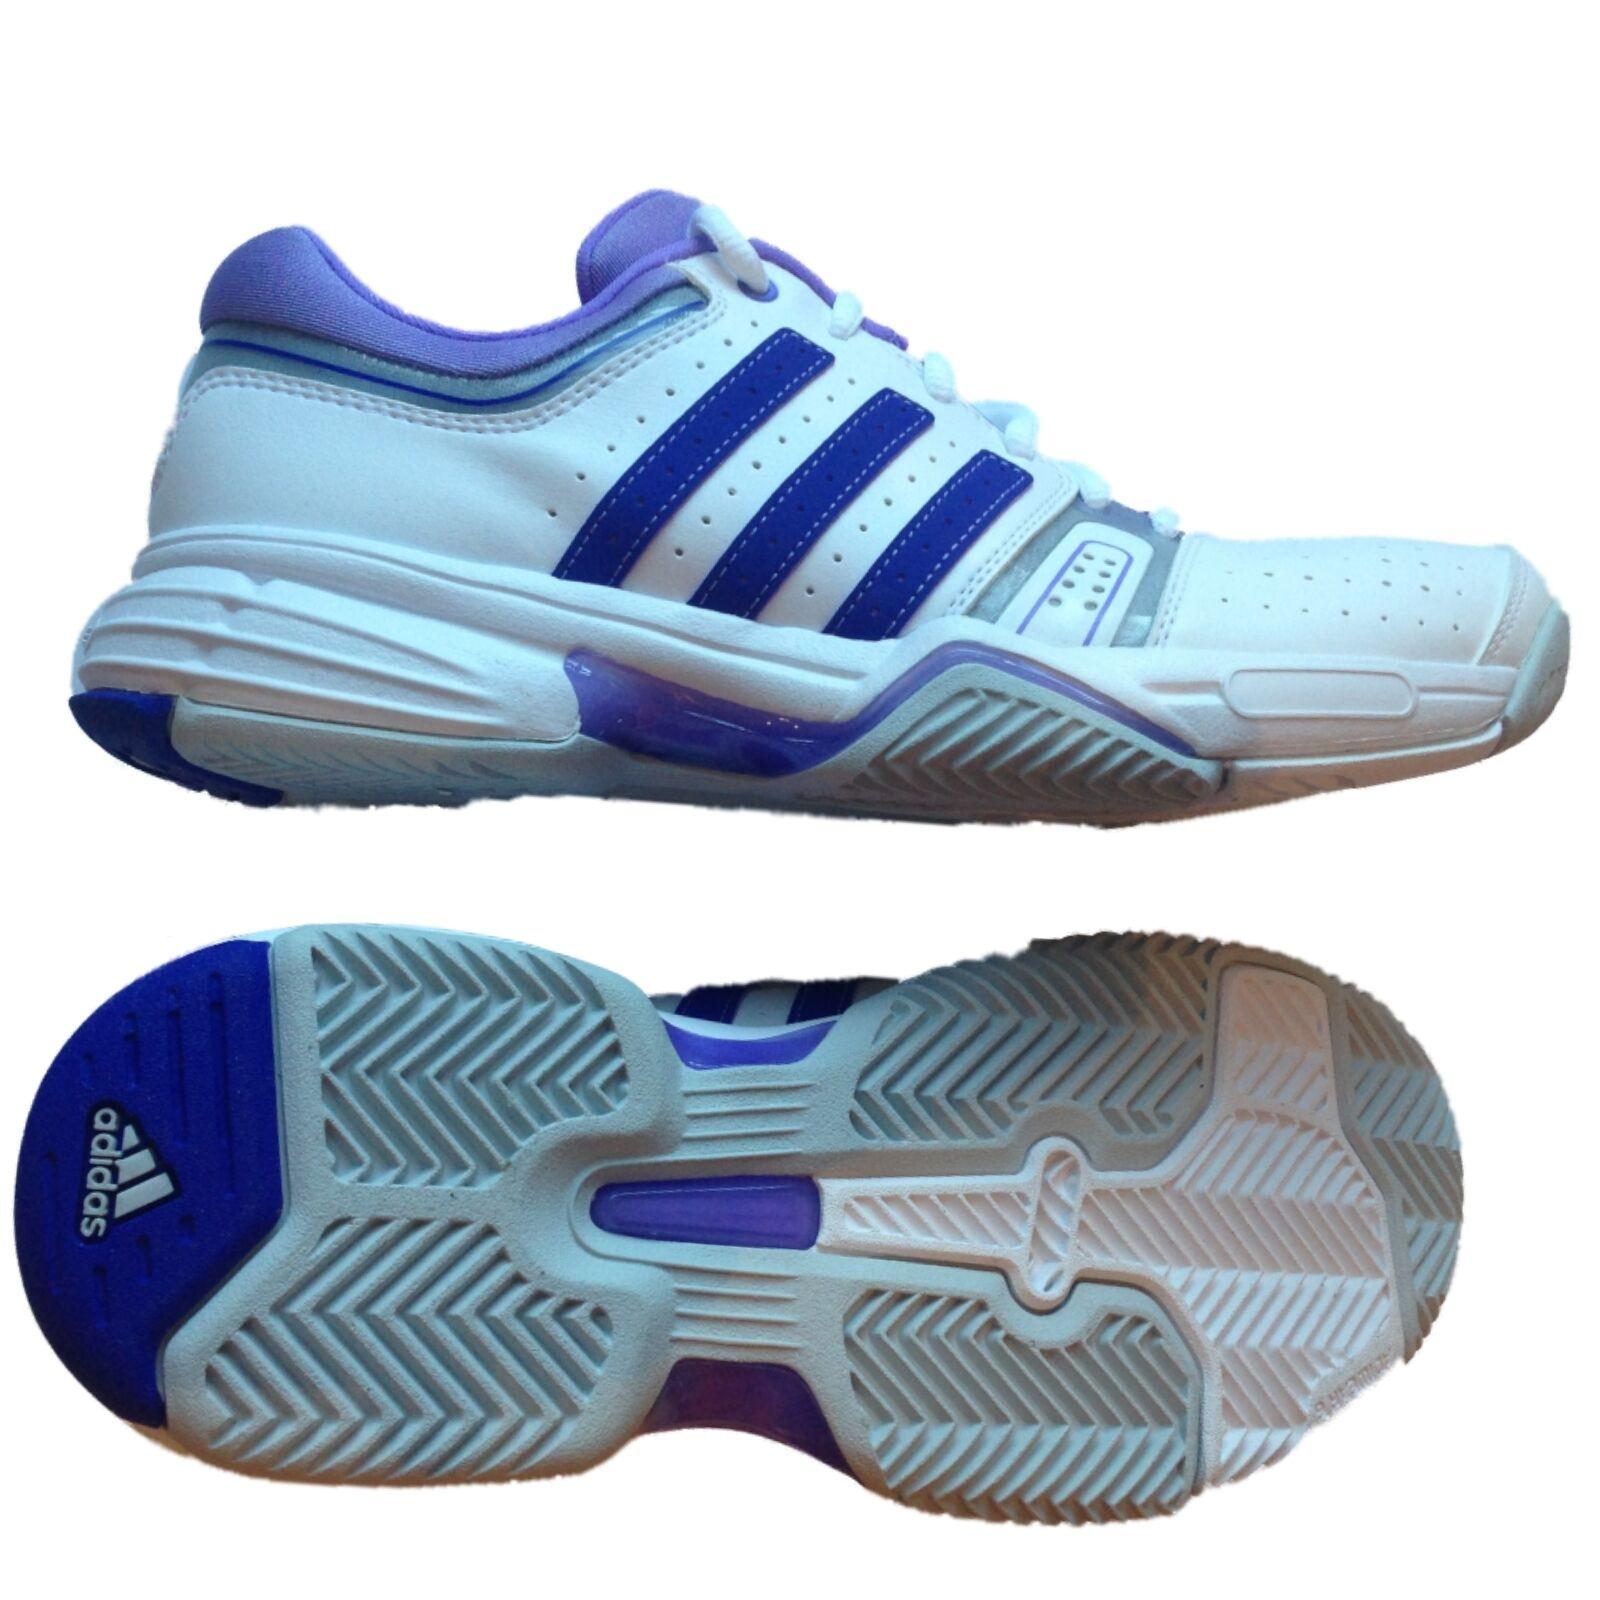 Adidas Sportschuhe Tennisschuhe match classic w Damen M29558